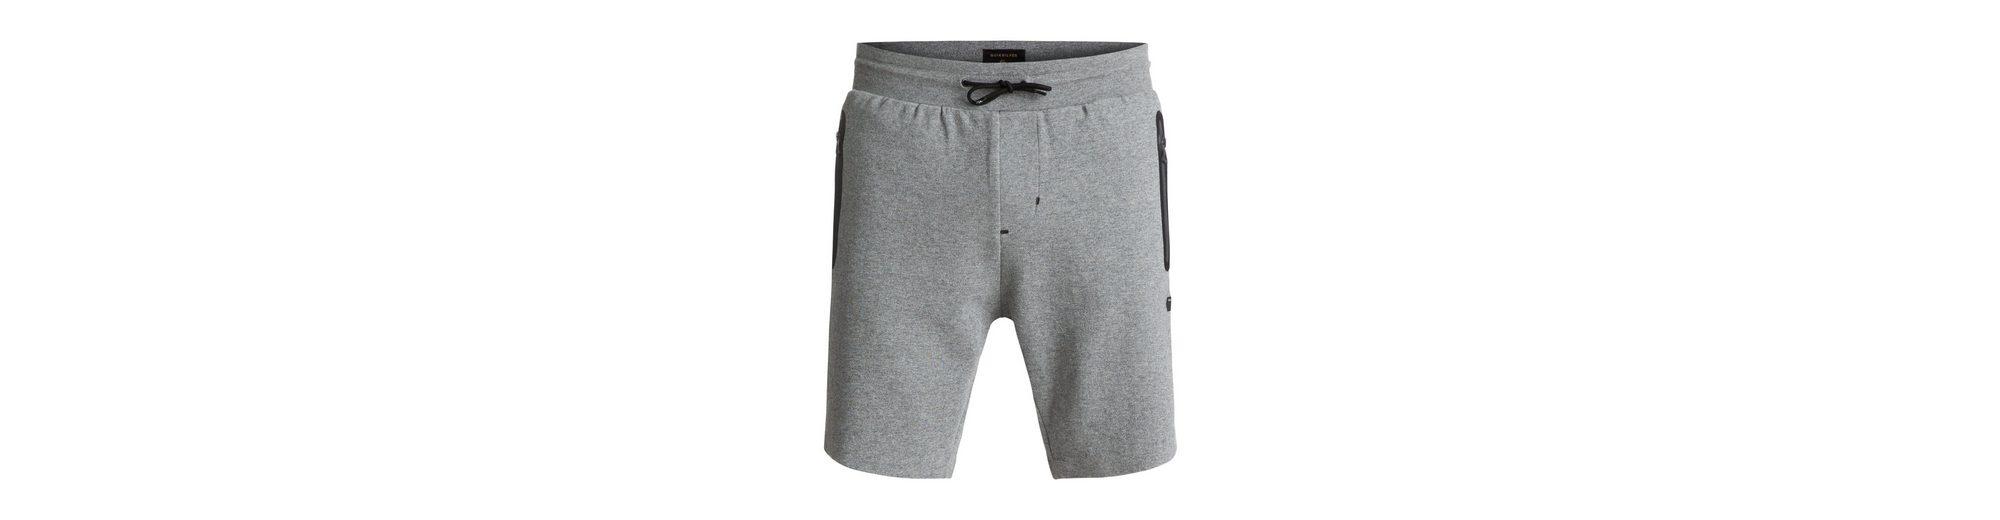 Quiksilver Trainingsanzug im Shorts-Stil Kurow Aberdeen Lieferung Frei Haus Mit Mastercard Footlocker 59EjB